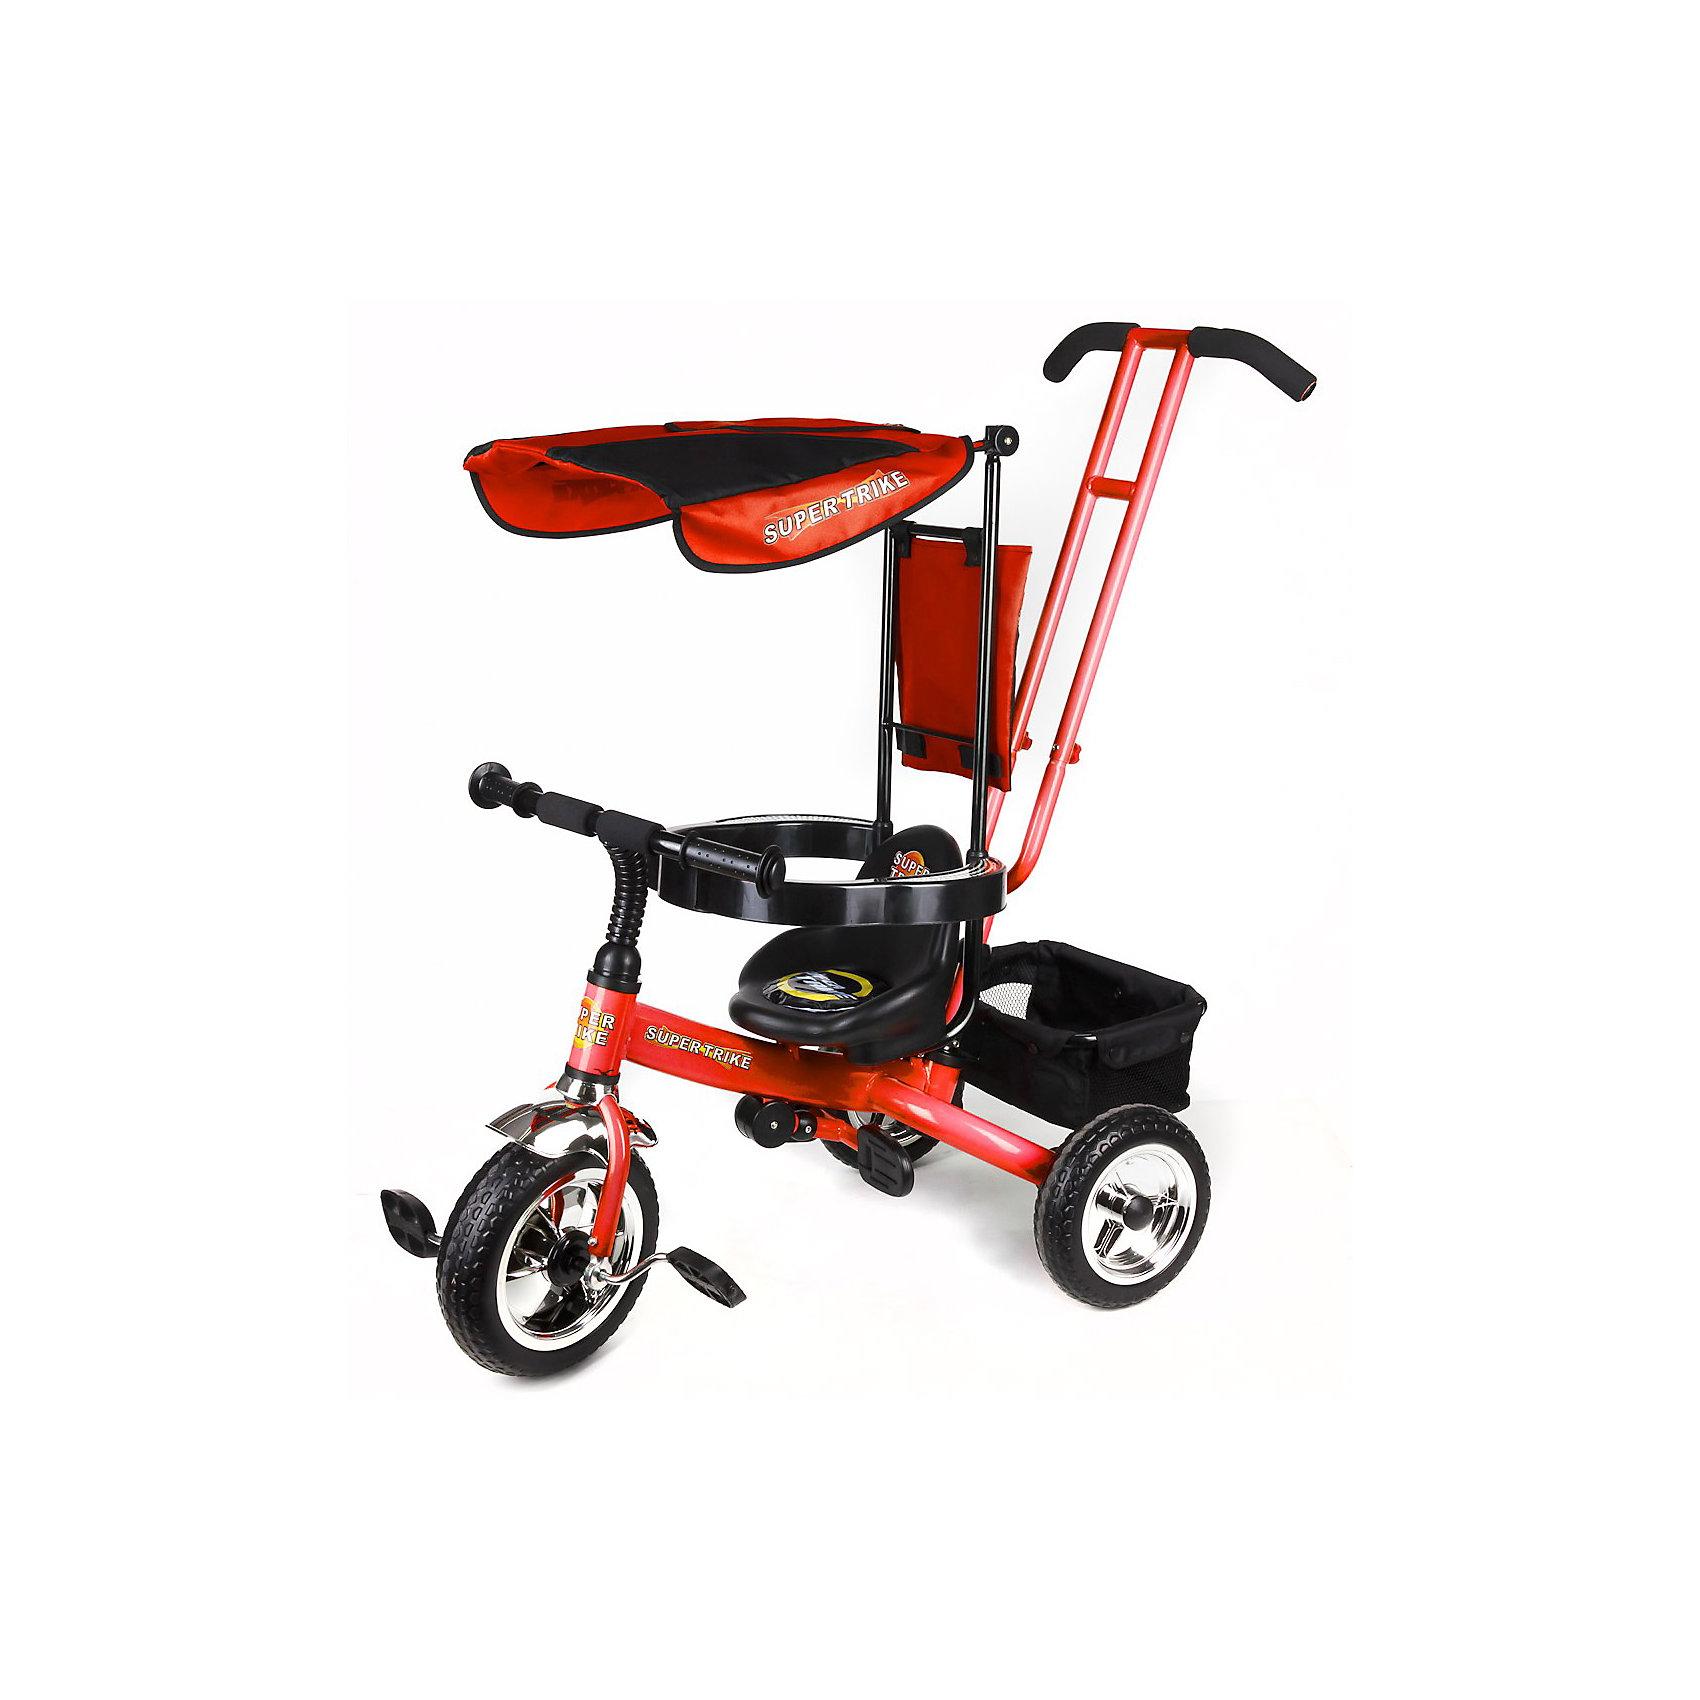 Super Trike Детский трехколесный велосипед, красныйВелосипеды детские<br>Детский трехколесный велосипед Super Trike для веселого и удобного катания от изготовителя Lexus Trike.<br><br>Велосипед оснащен удобными педалями, широкими устойчивыми колесами, складной подножкой и багажником, в который можно сложить игрушки. <br><br>Дополнительная информация:<br><br>- надёжная стальная рама, усиленная дополнительными ребрами жёсткости<br>- широкие пластиковые колёса с шинами ПВХ<br>- удобное сиденье с высокой и мягкой тканевой накладной<br>- съёмная дуга безопасности<br>- родительская ручка управления с регулируемой металлической тягой, позволяющей менять угол поворота переднего колеса<br>- складная подножка<br>- задняя корзина из плотной ткани на металлическом каркасе<br>- практичная сумка с креплением на ручке управления<br>- тент от солнца и дождя из ткани со специальной пропиткой<br>- все элементы из ткани легко снимаются для стирки<br>- цвет - красный<br><br>Ширина мм: 960<br>Глубина мм: 1050<br>Высота мм: 520<br>Вес г: 8700<br>Возраст от месяцев: 18<br>Возраст до месяцев: 60<br>Пол: Унисекс<br>Возраст: Детский<br>SKU: 3208914